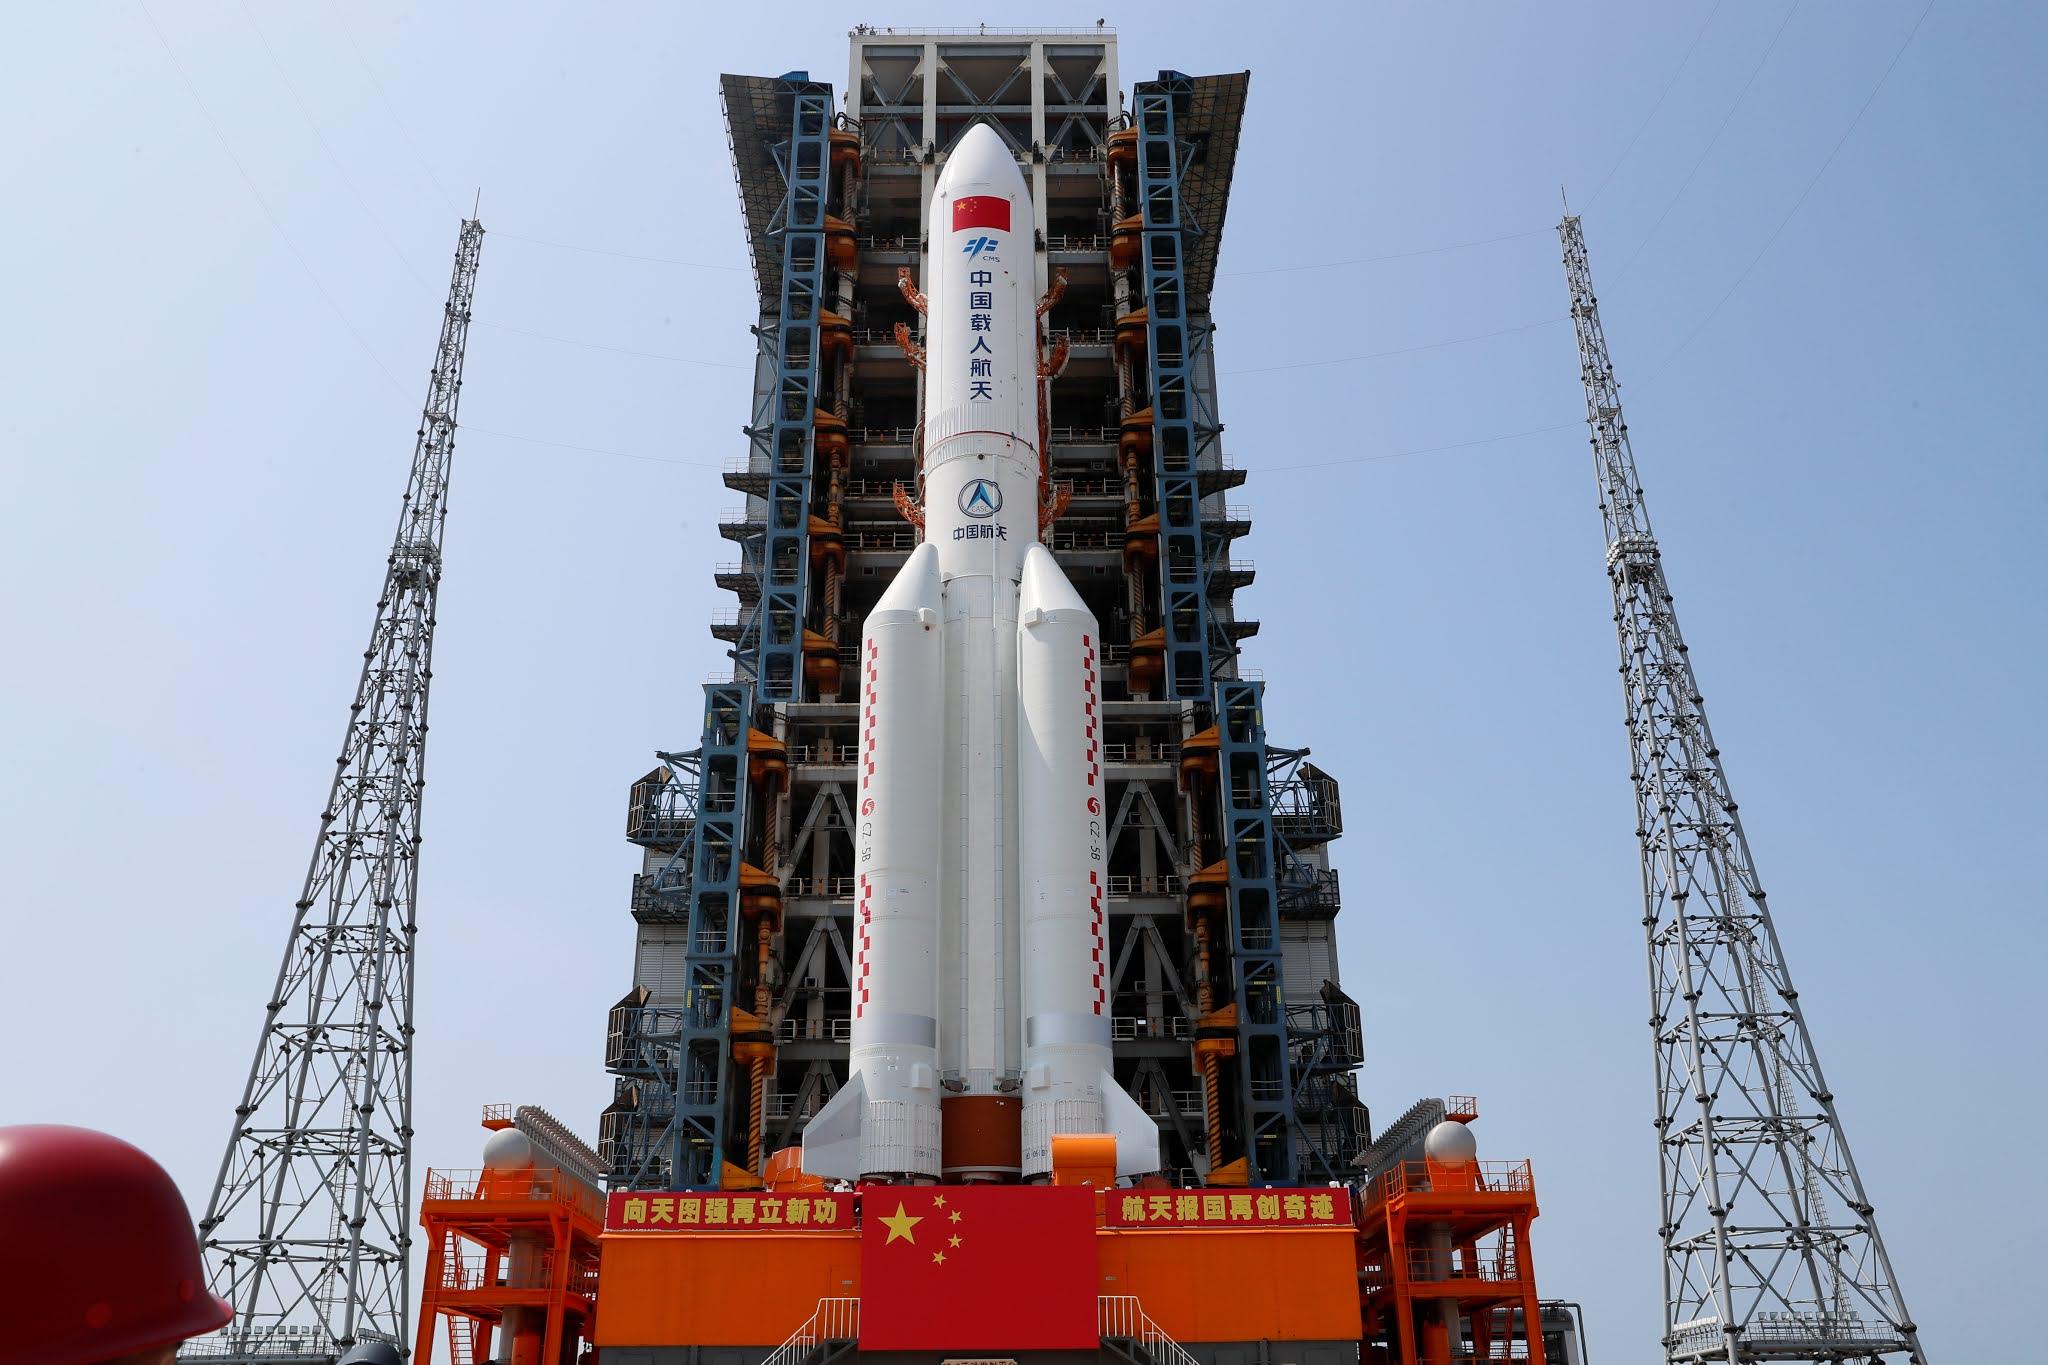 EN VIVO: El cohete chino fuera de control se aproxima a la Tierra, ¿Dónde caerá?